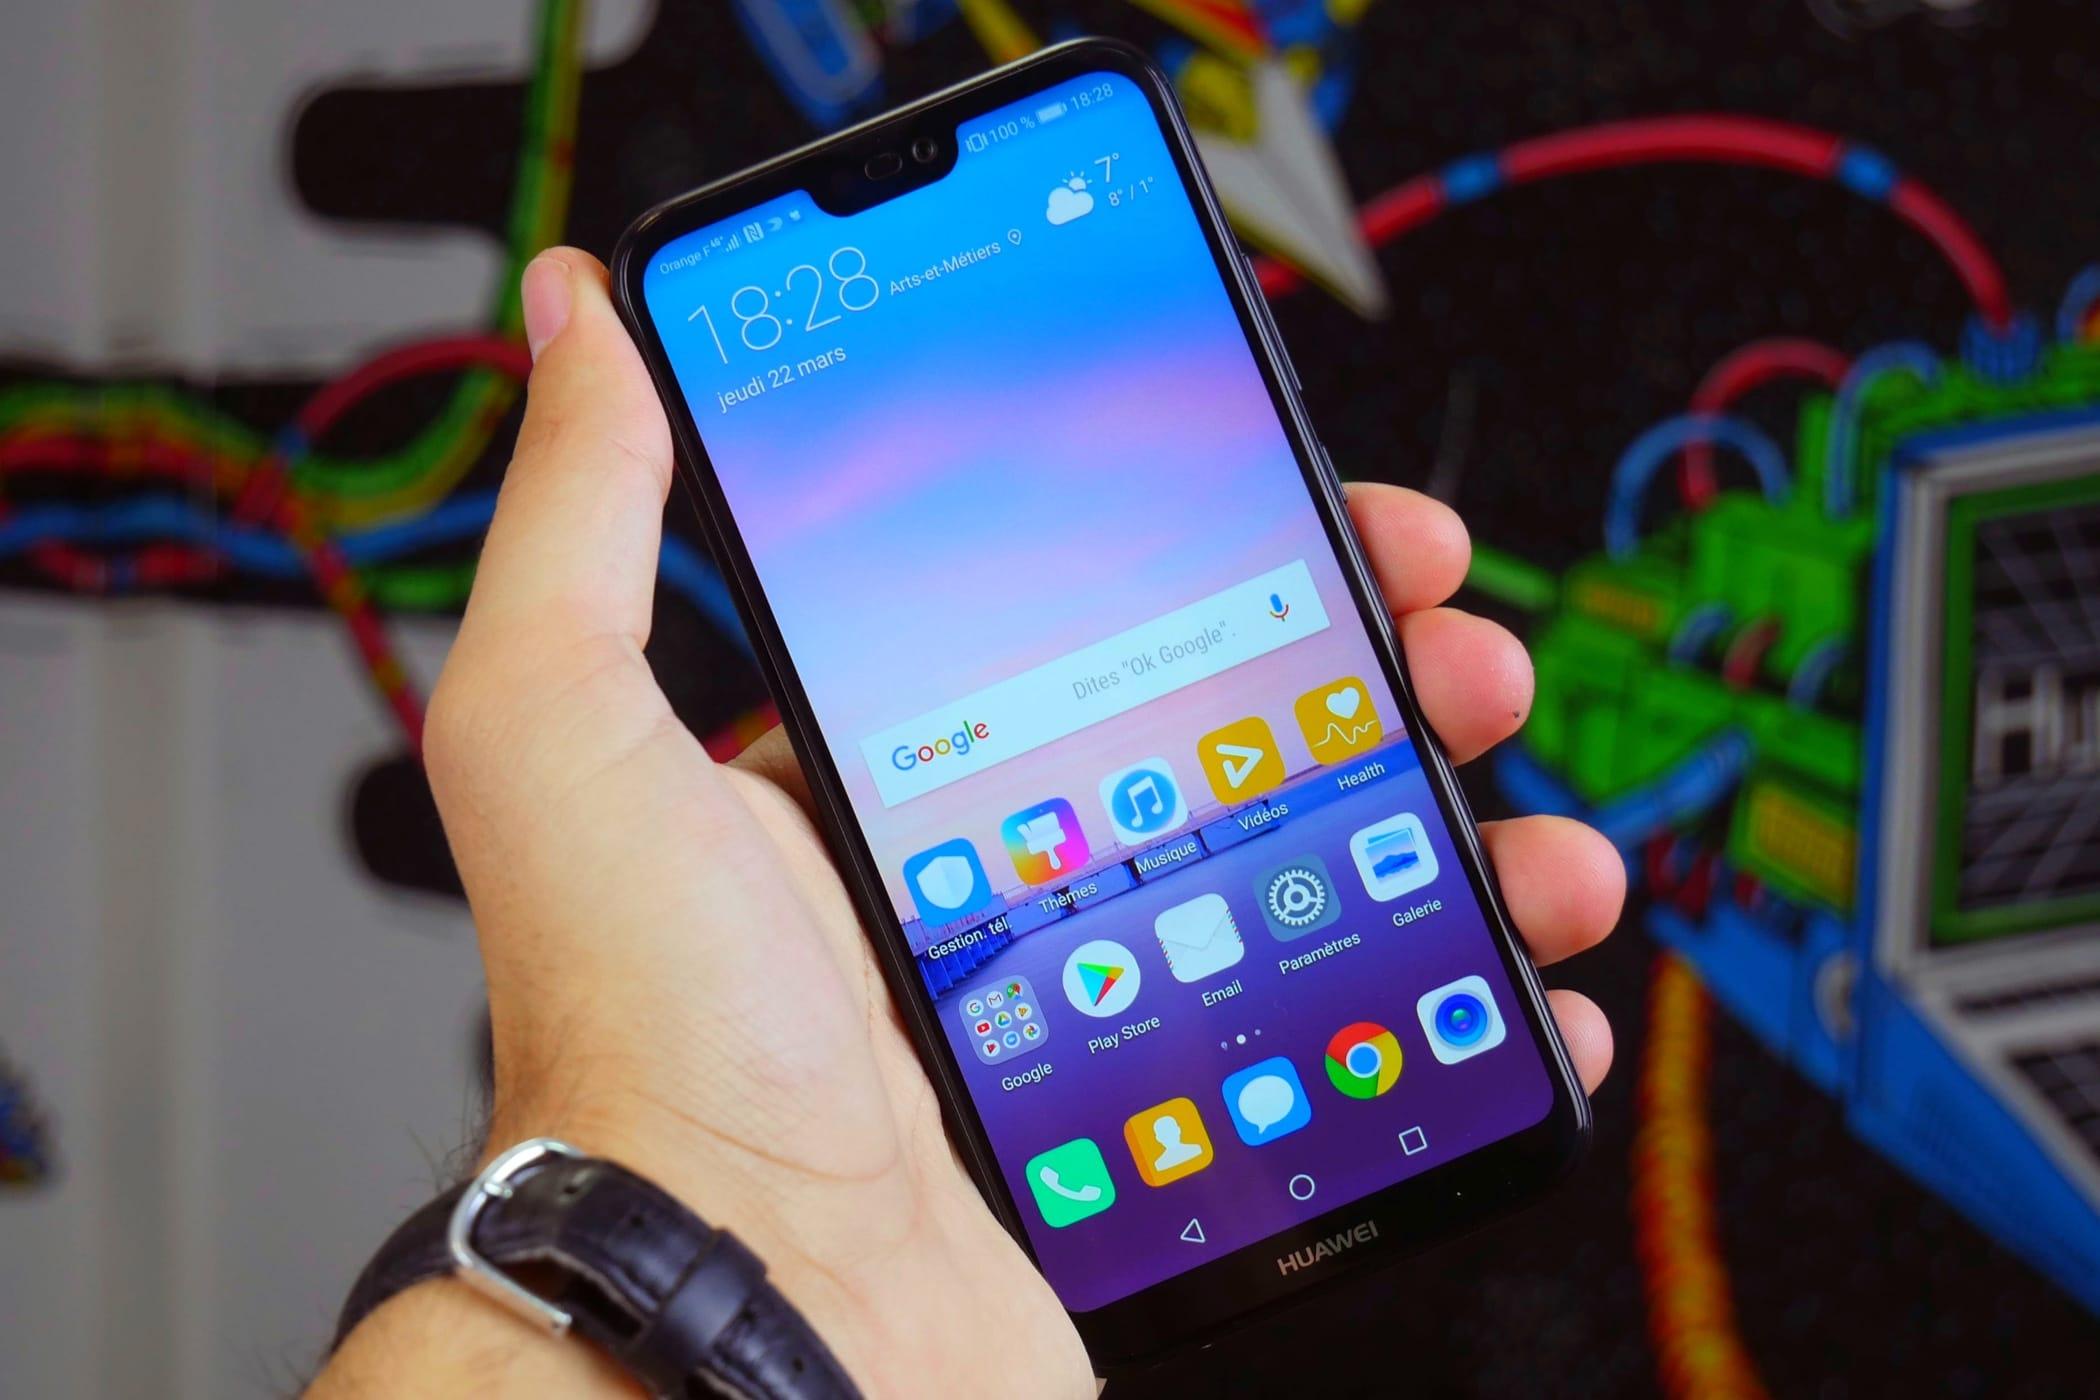 Появились сведения о телефонах Huawei P20 иP20 Pro